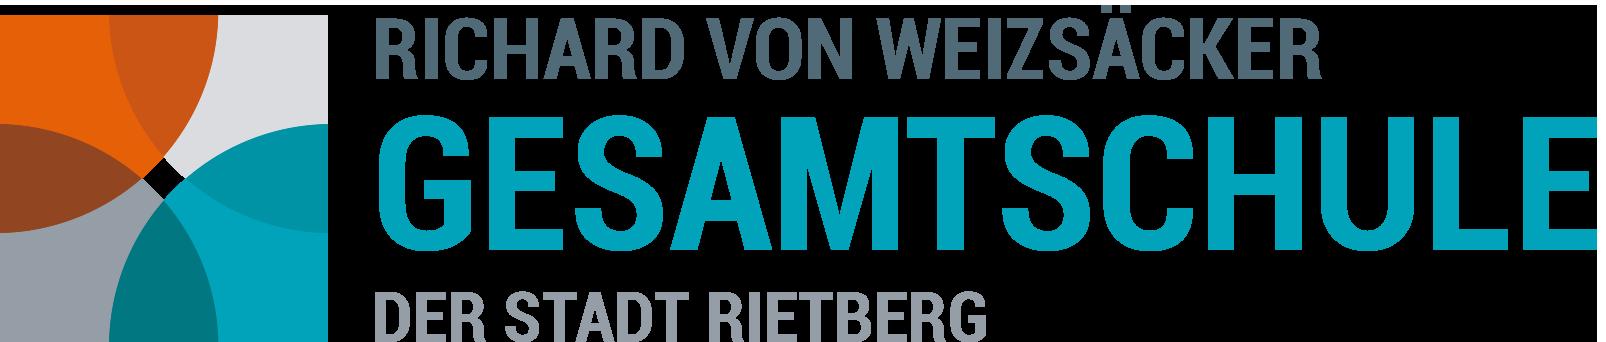 Richard-von-Weizsäcker-Gesamtschule